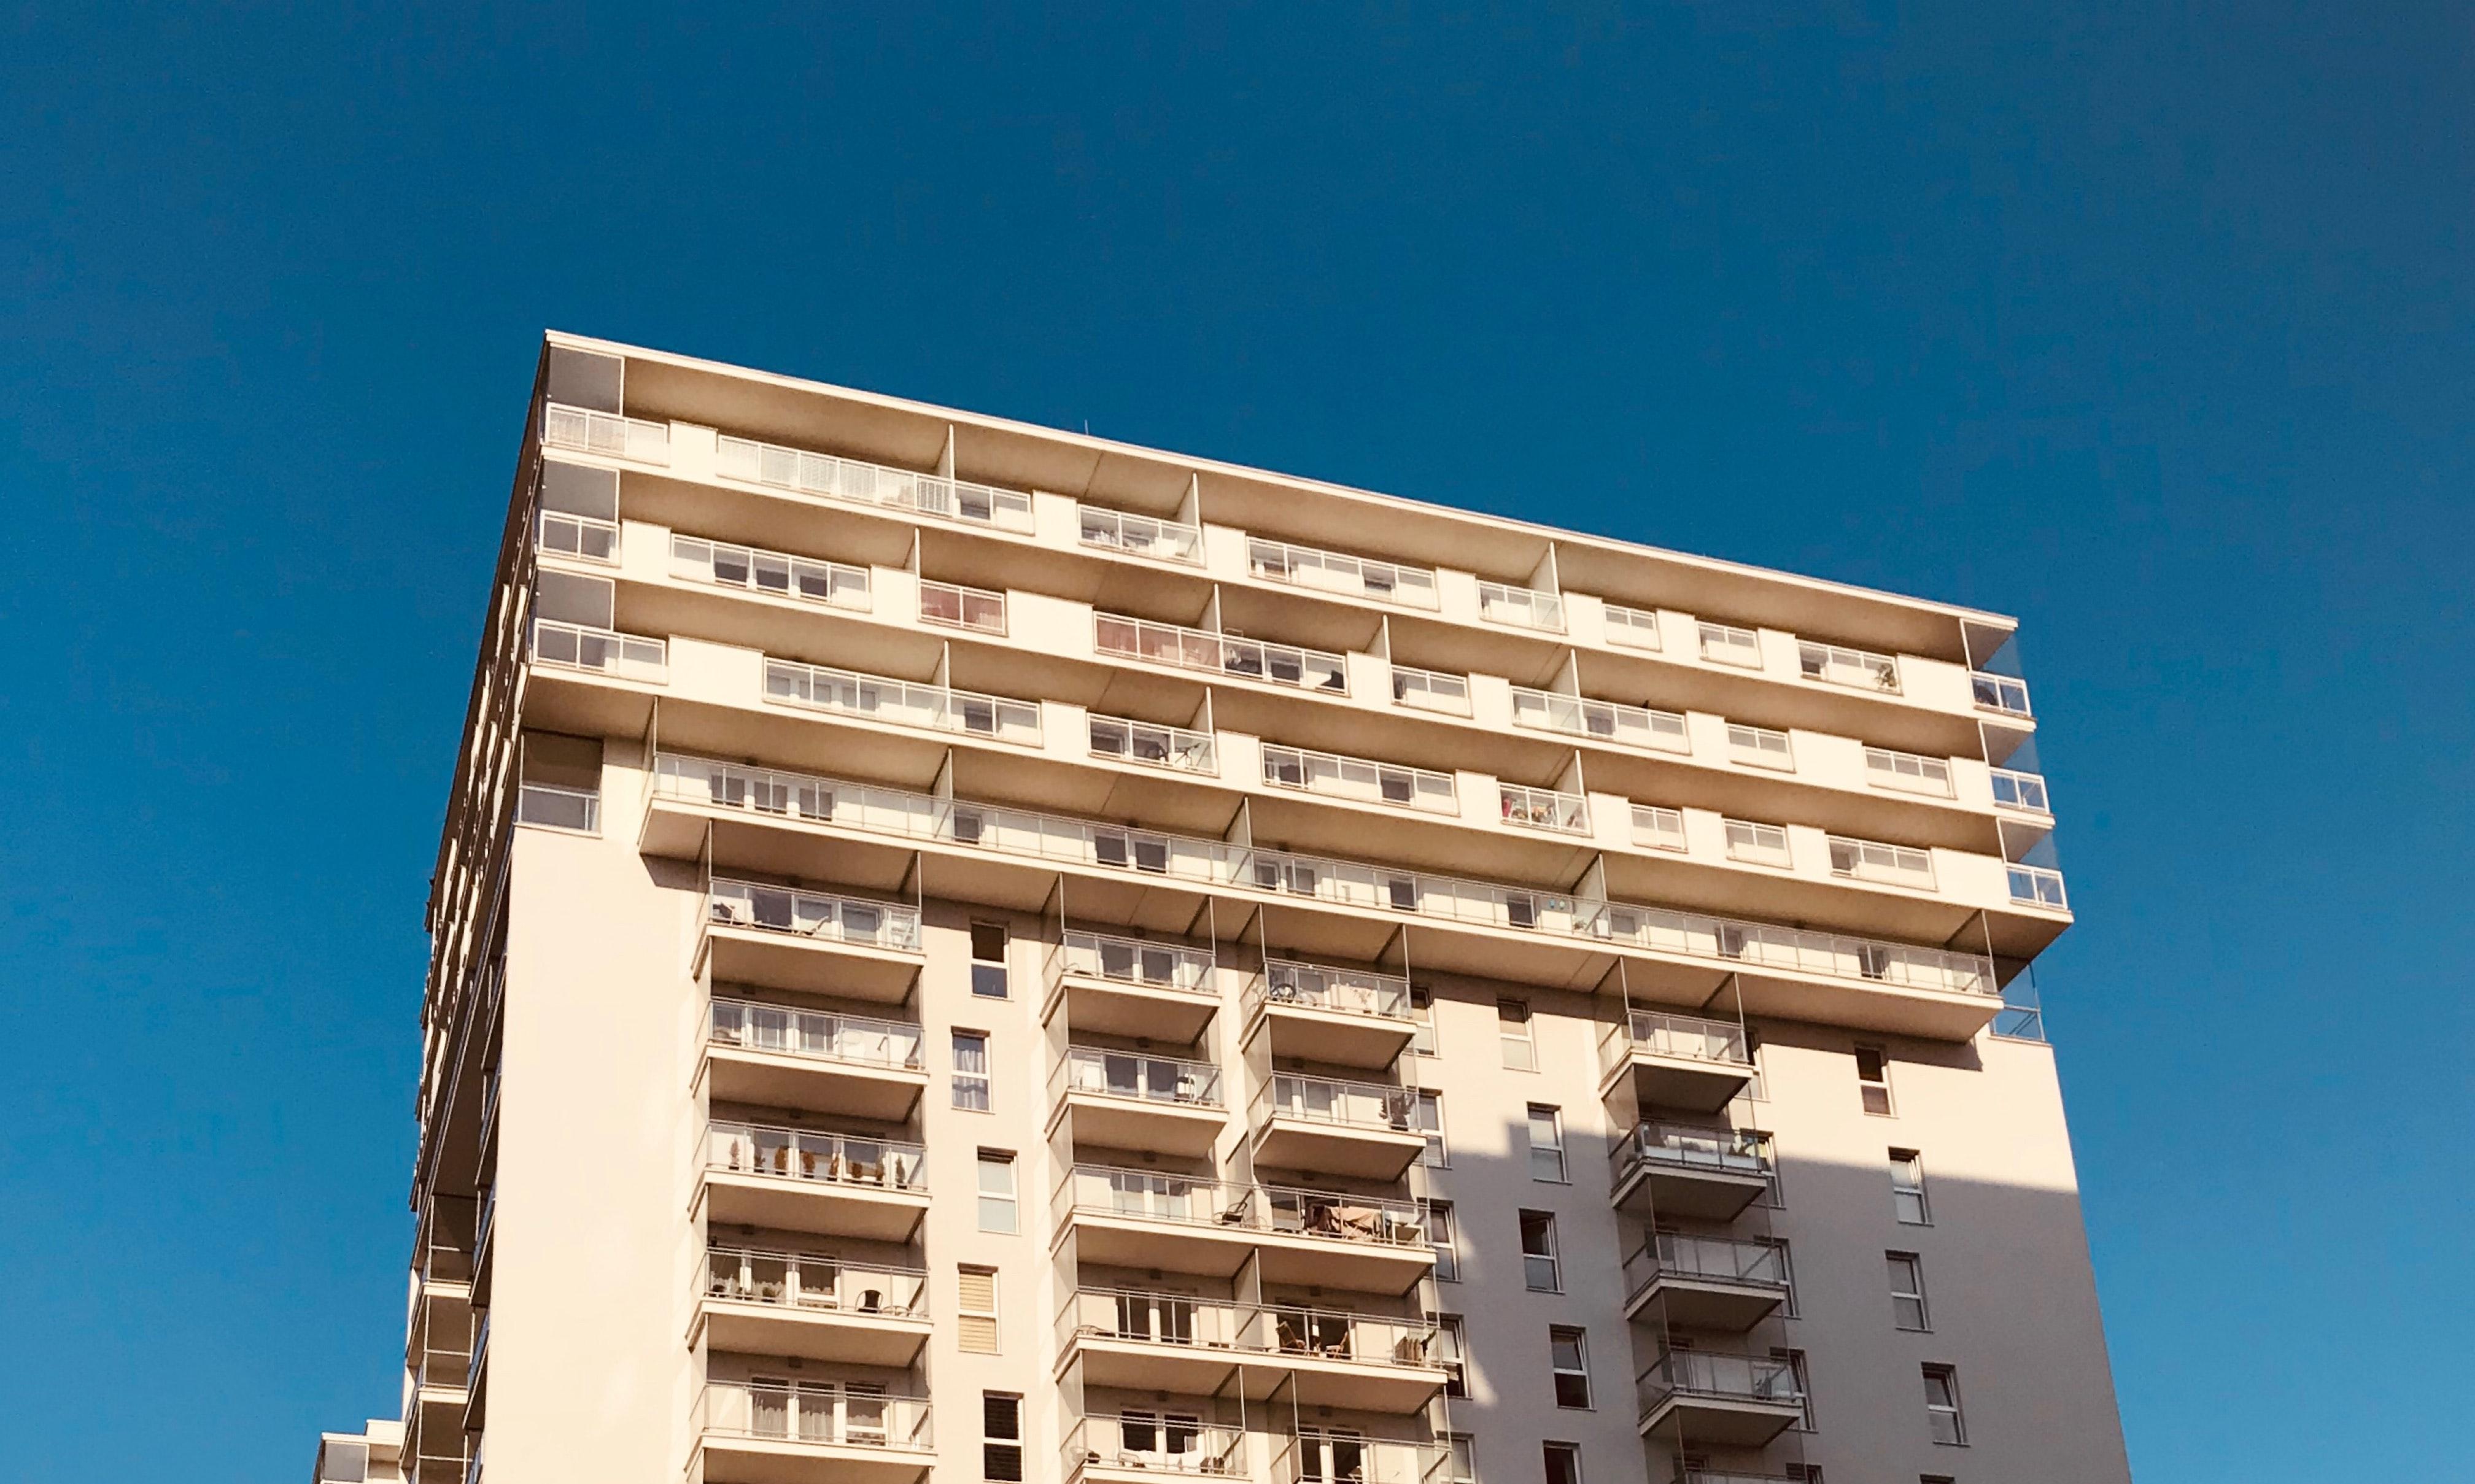 Liste der besten Immobilienmakler in Bochum